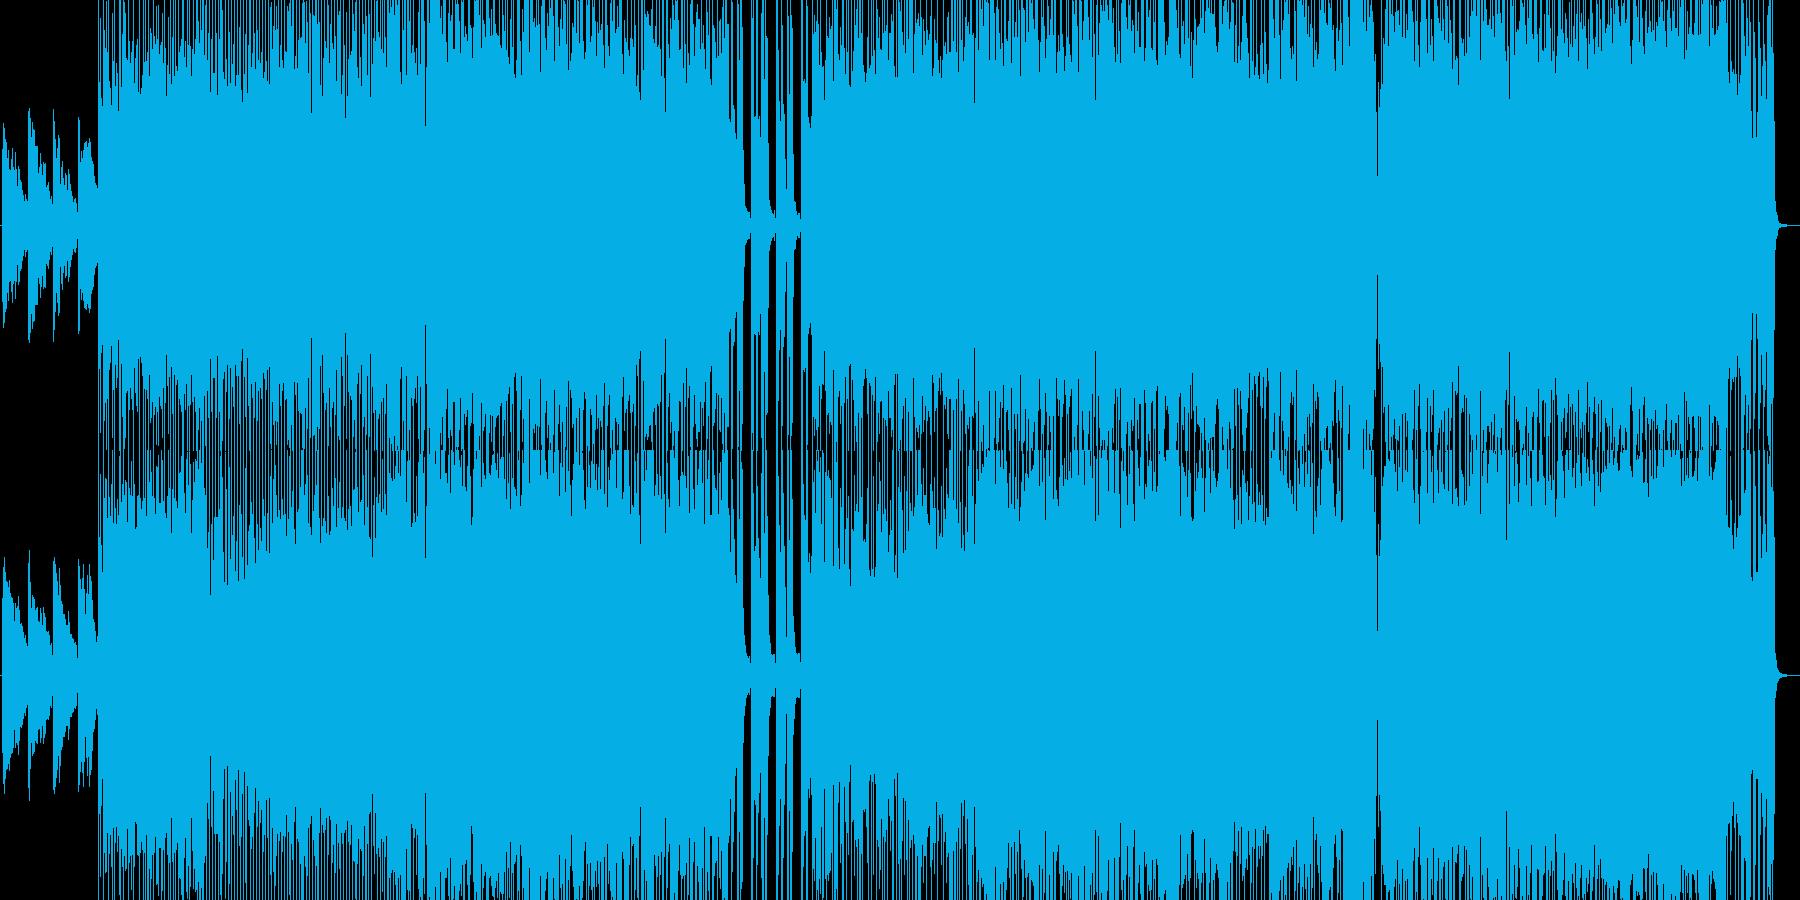 キュンと切ないガールズポップロックの再生済みの波形